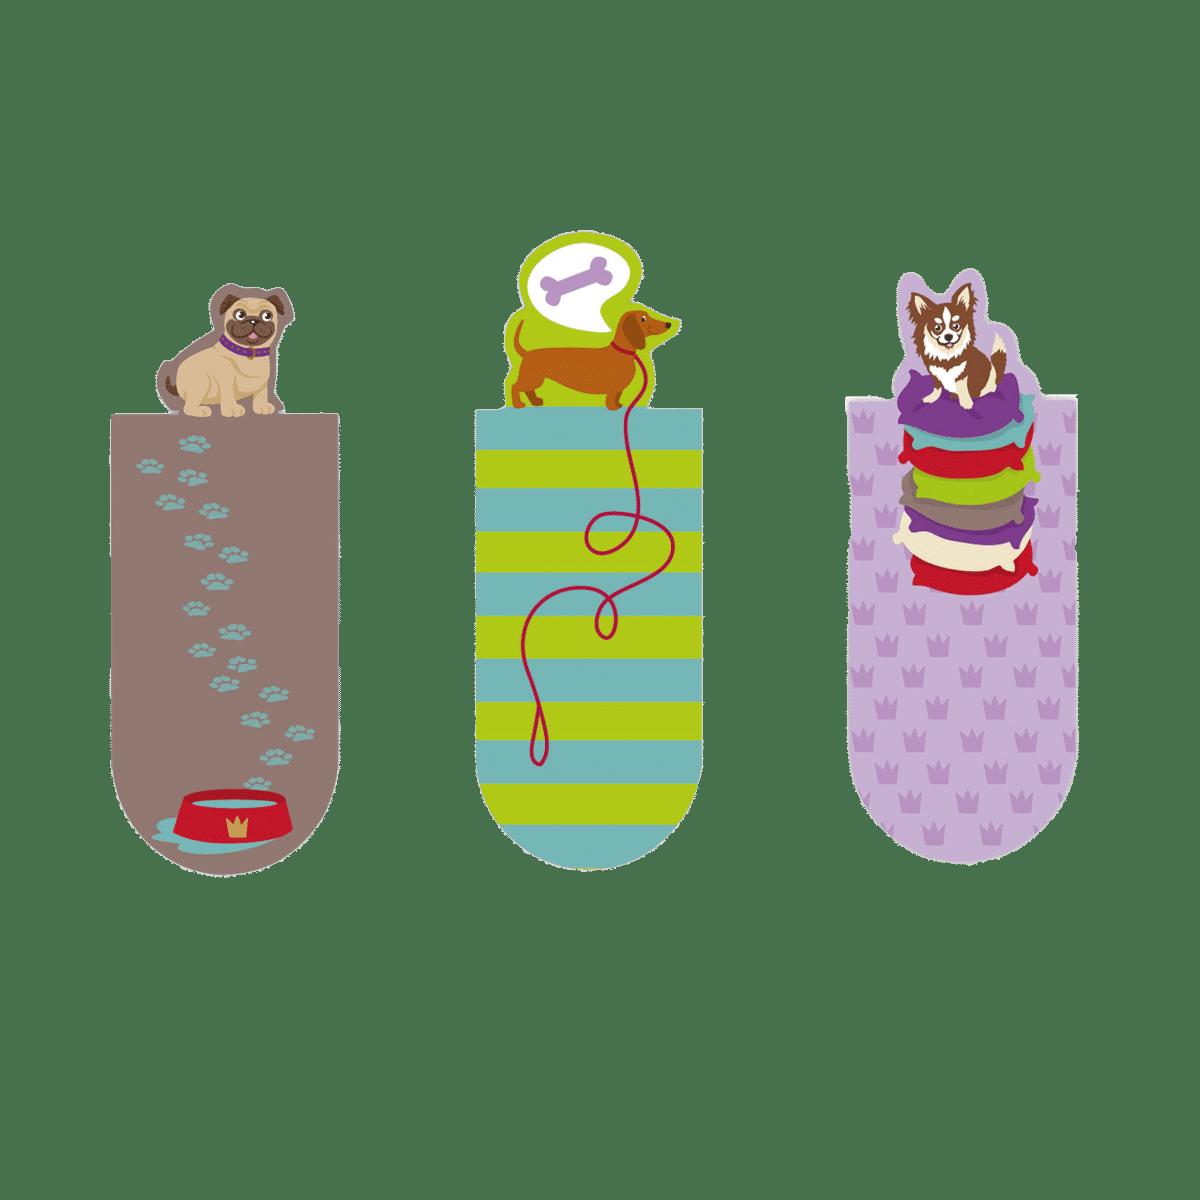 Fina magnetbokmärken med hundmotiv